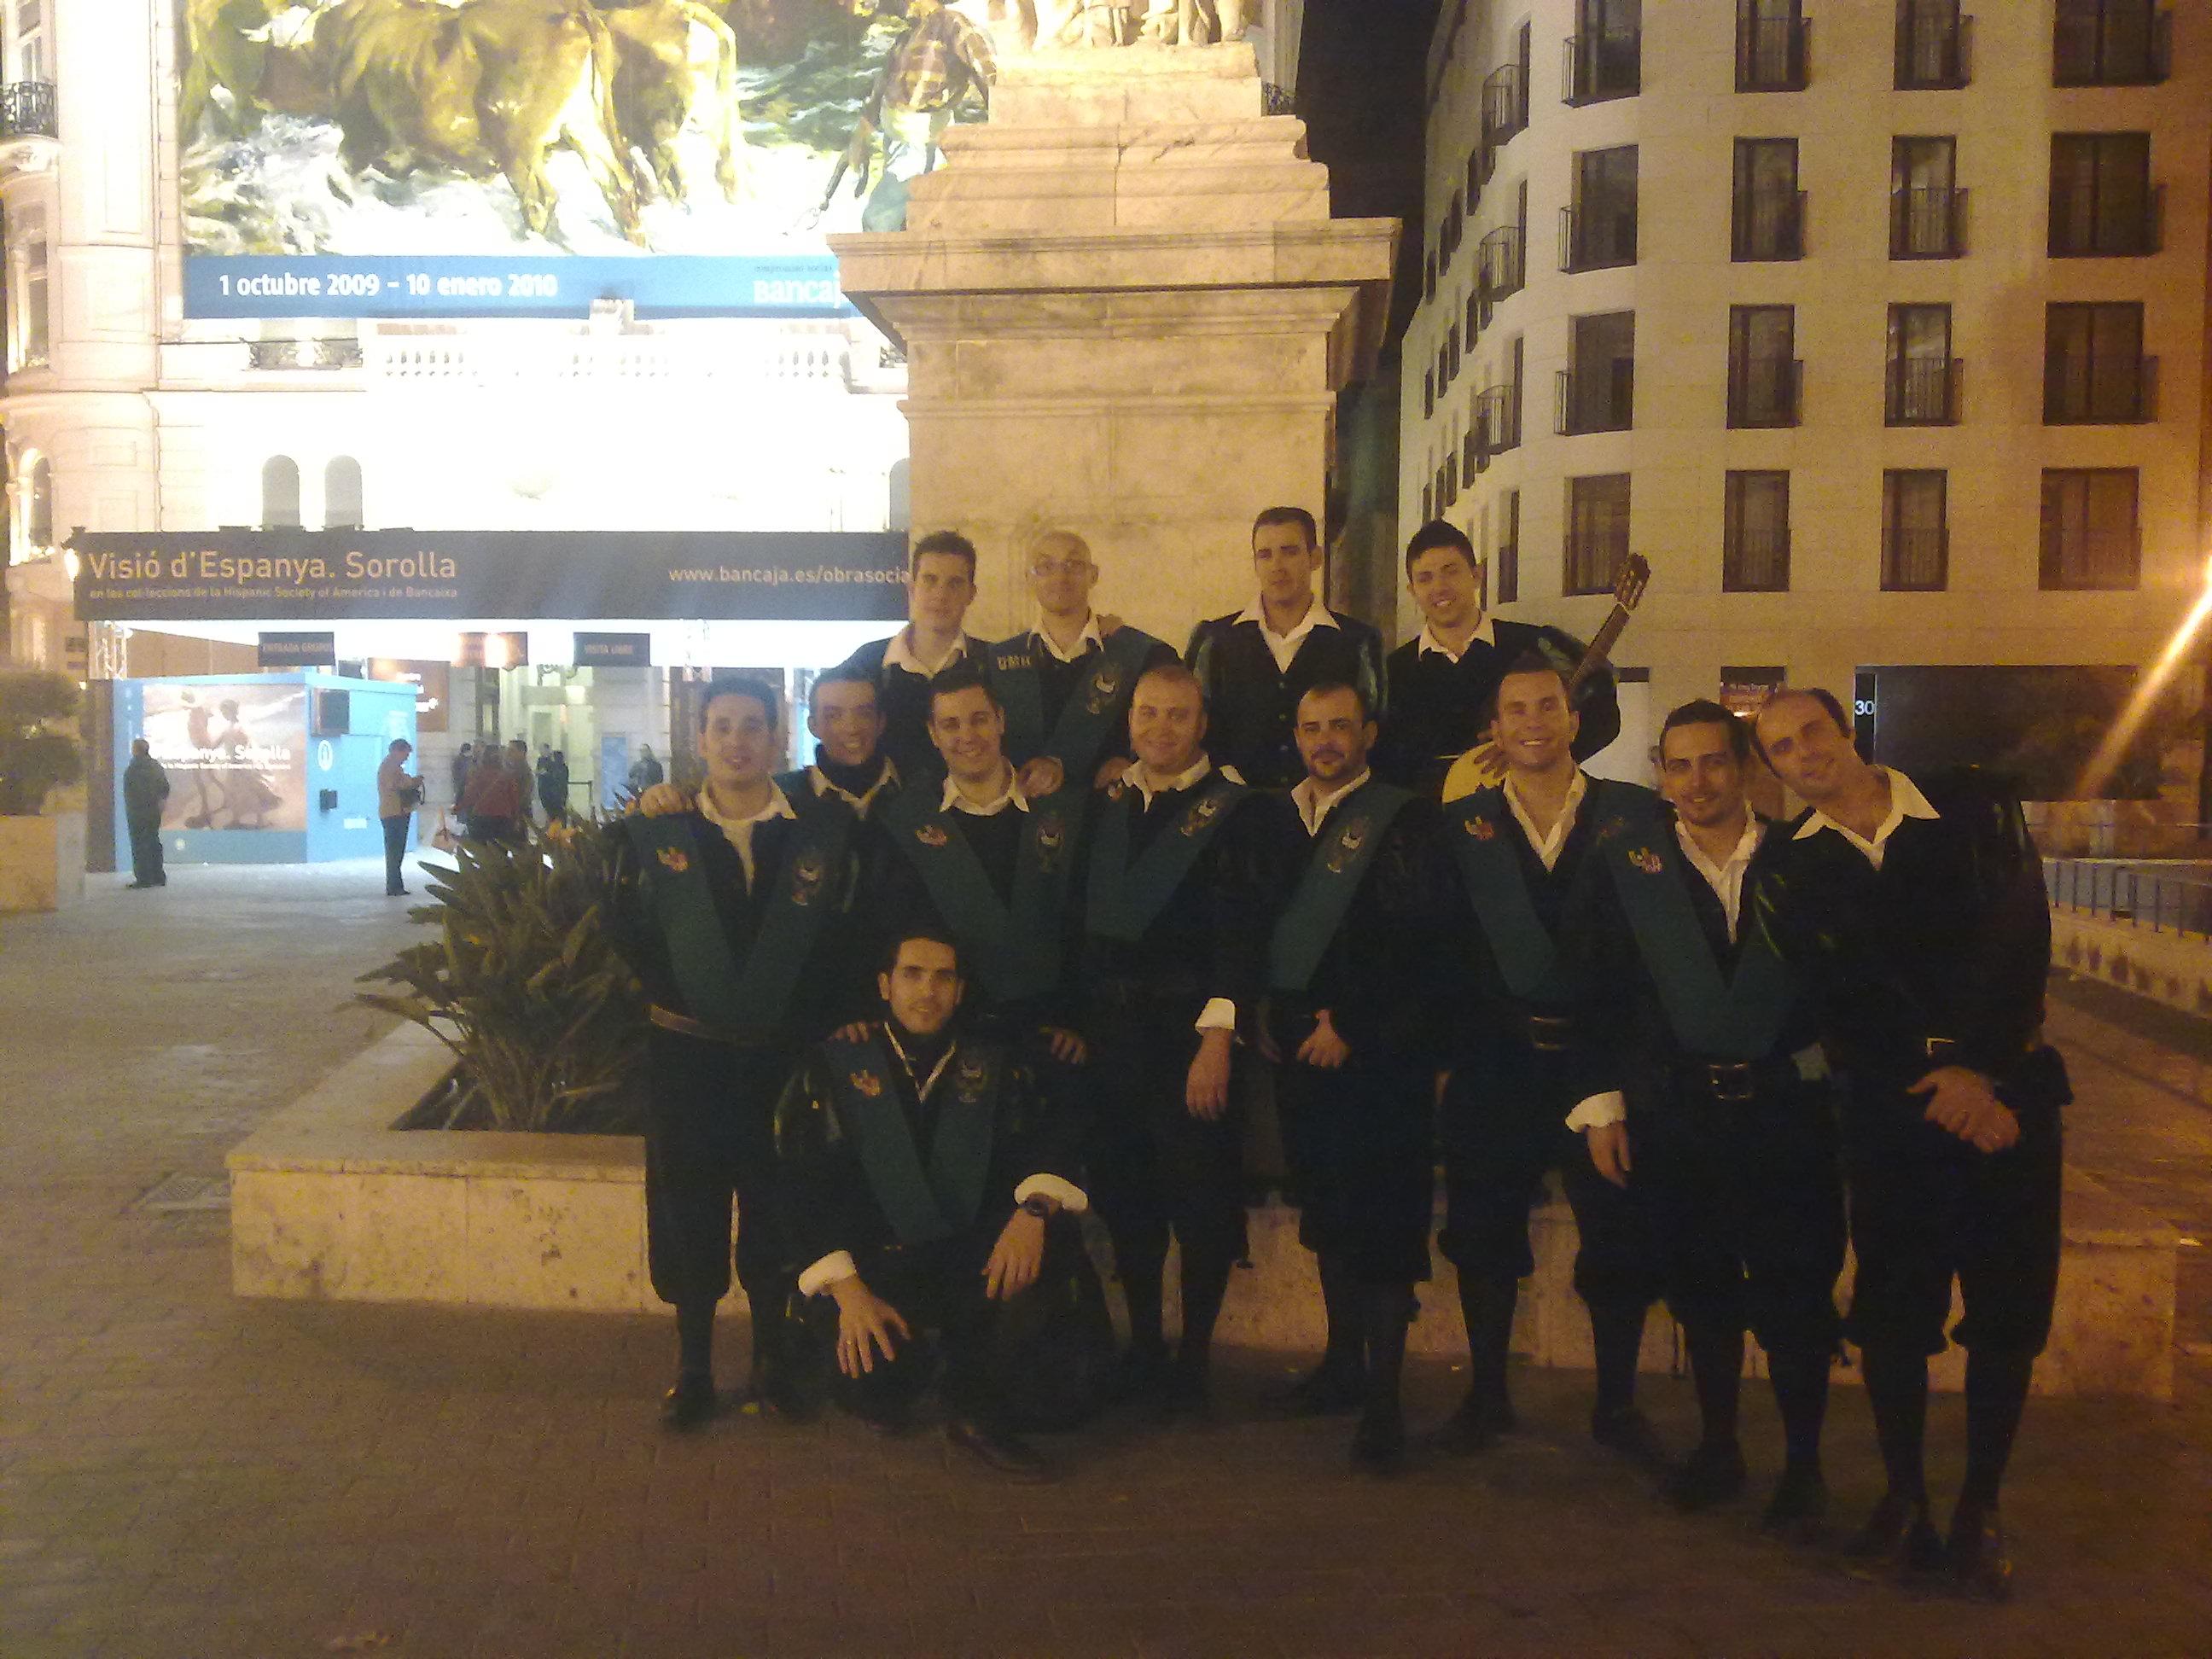 XI Certamen Nacional de Tunas de Ciencias (Valencia)